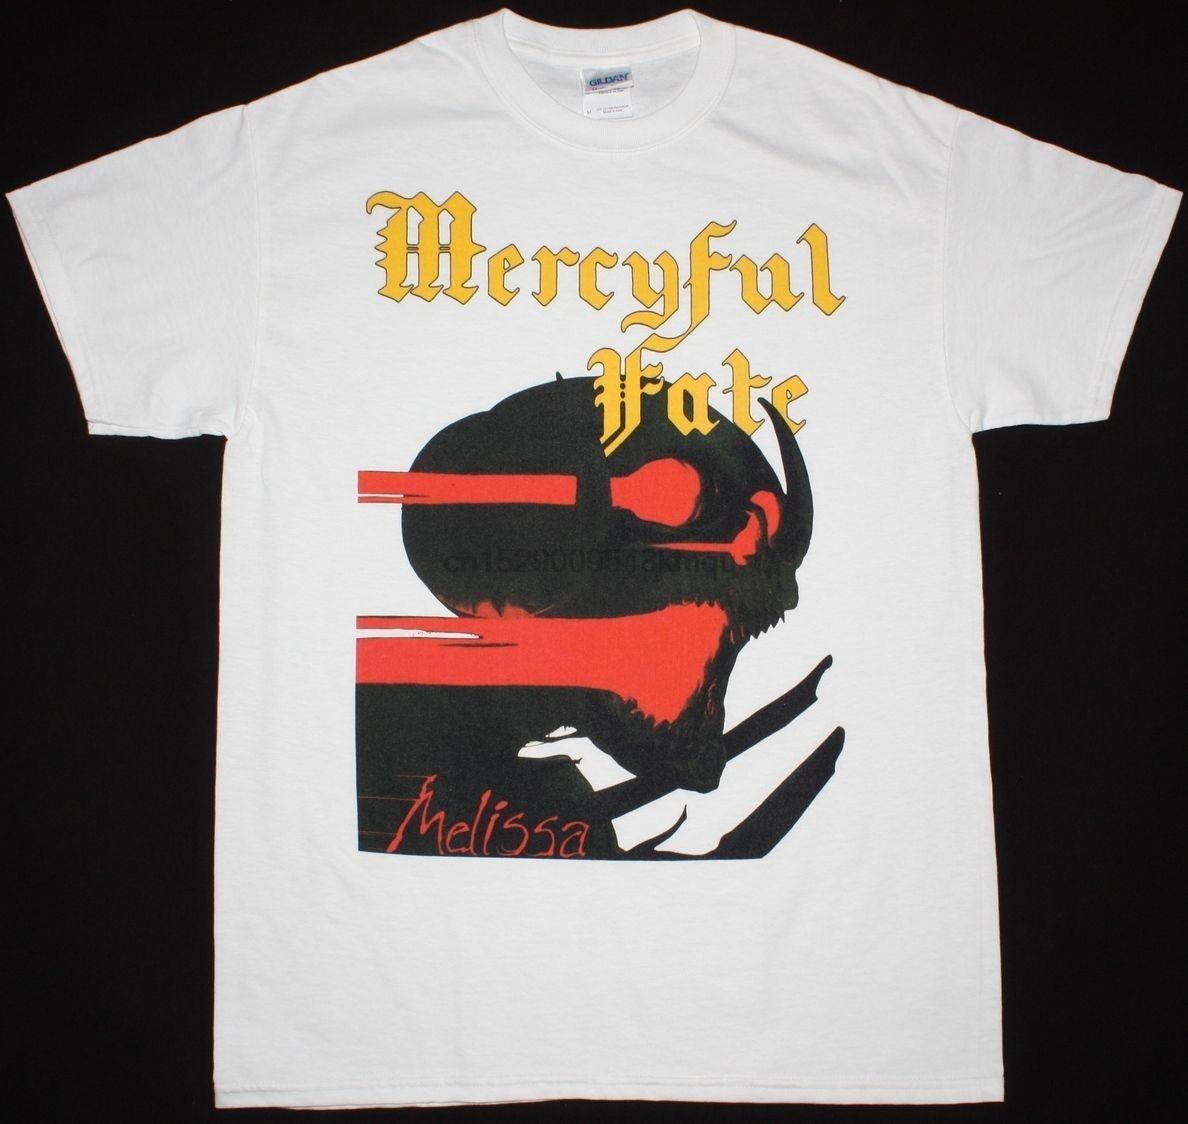 머시 플 페이트 MELISSA KING DIAMOND HEAVY METAL SAXON S-XXL NEW WHITE T 셔츠면 100 %의 티 셔츠 도매 티 꼭대기에 오른다